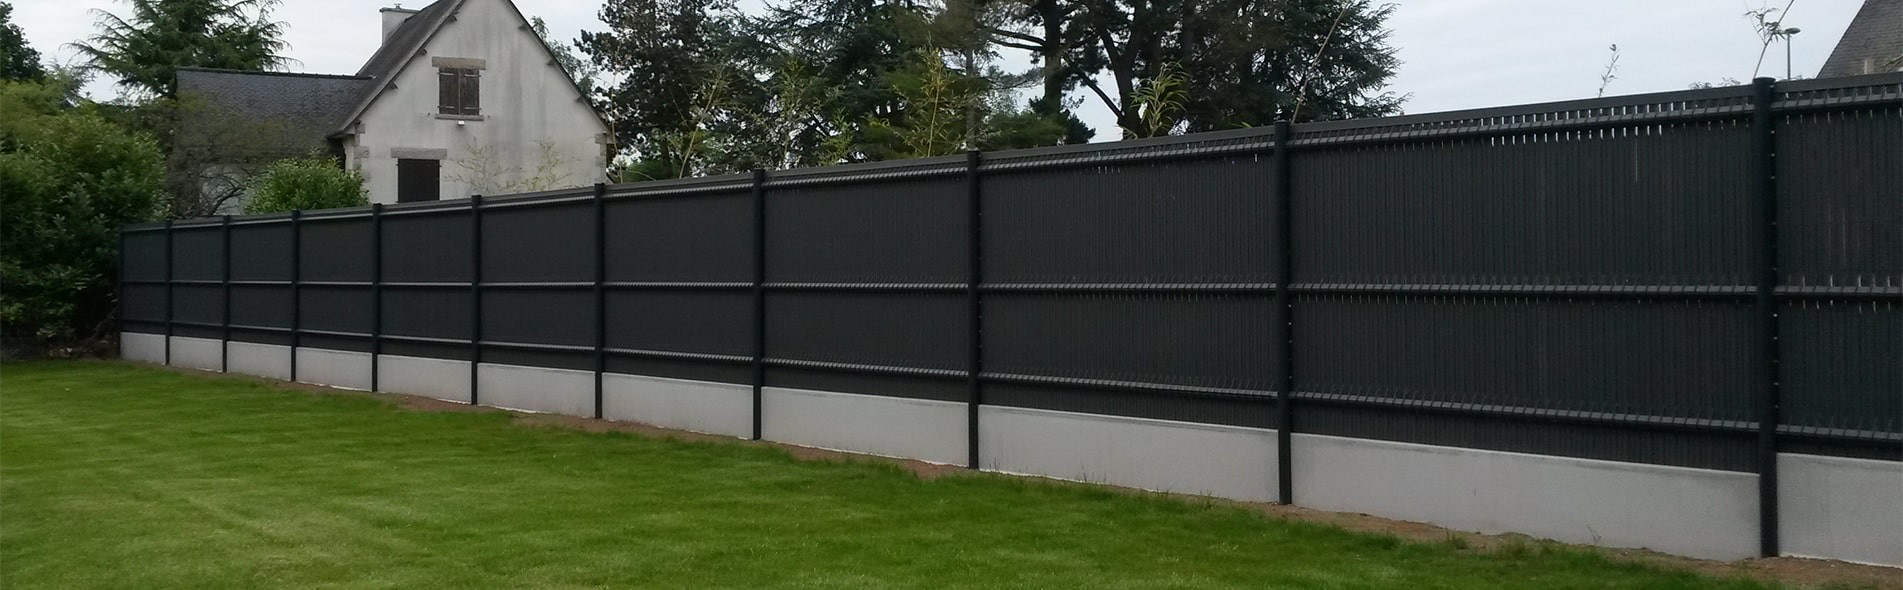 Vente De Clôtures Rigides (Pvc, Alu) Grillages & Portails concernant Cloture Jardin Grillage Rigide